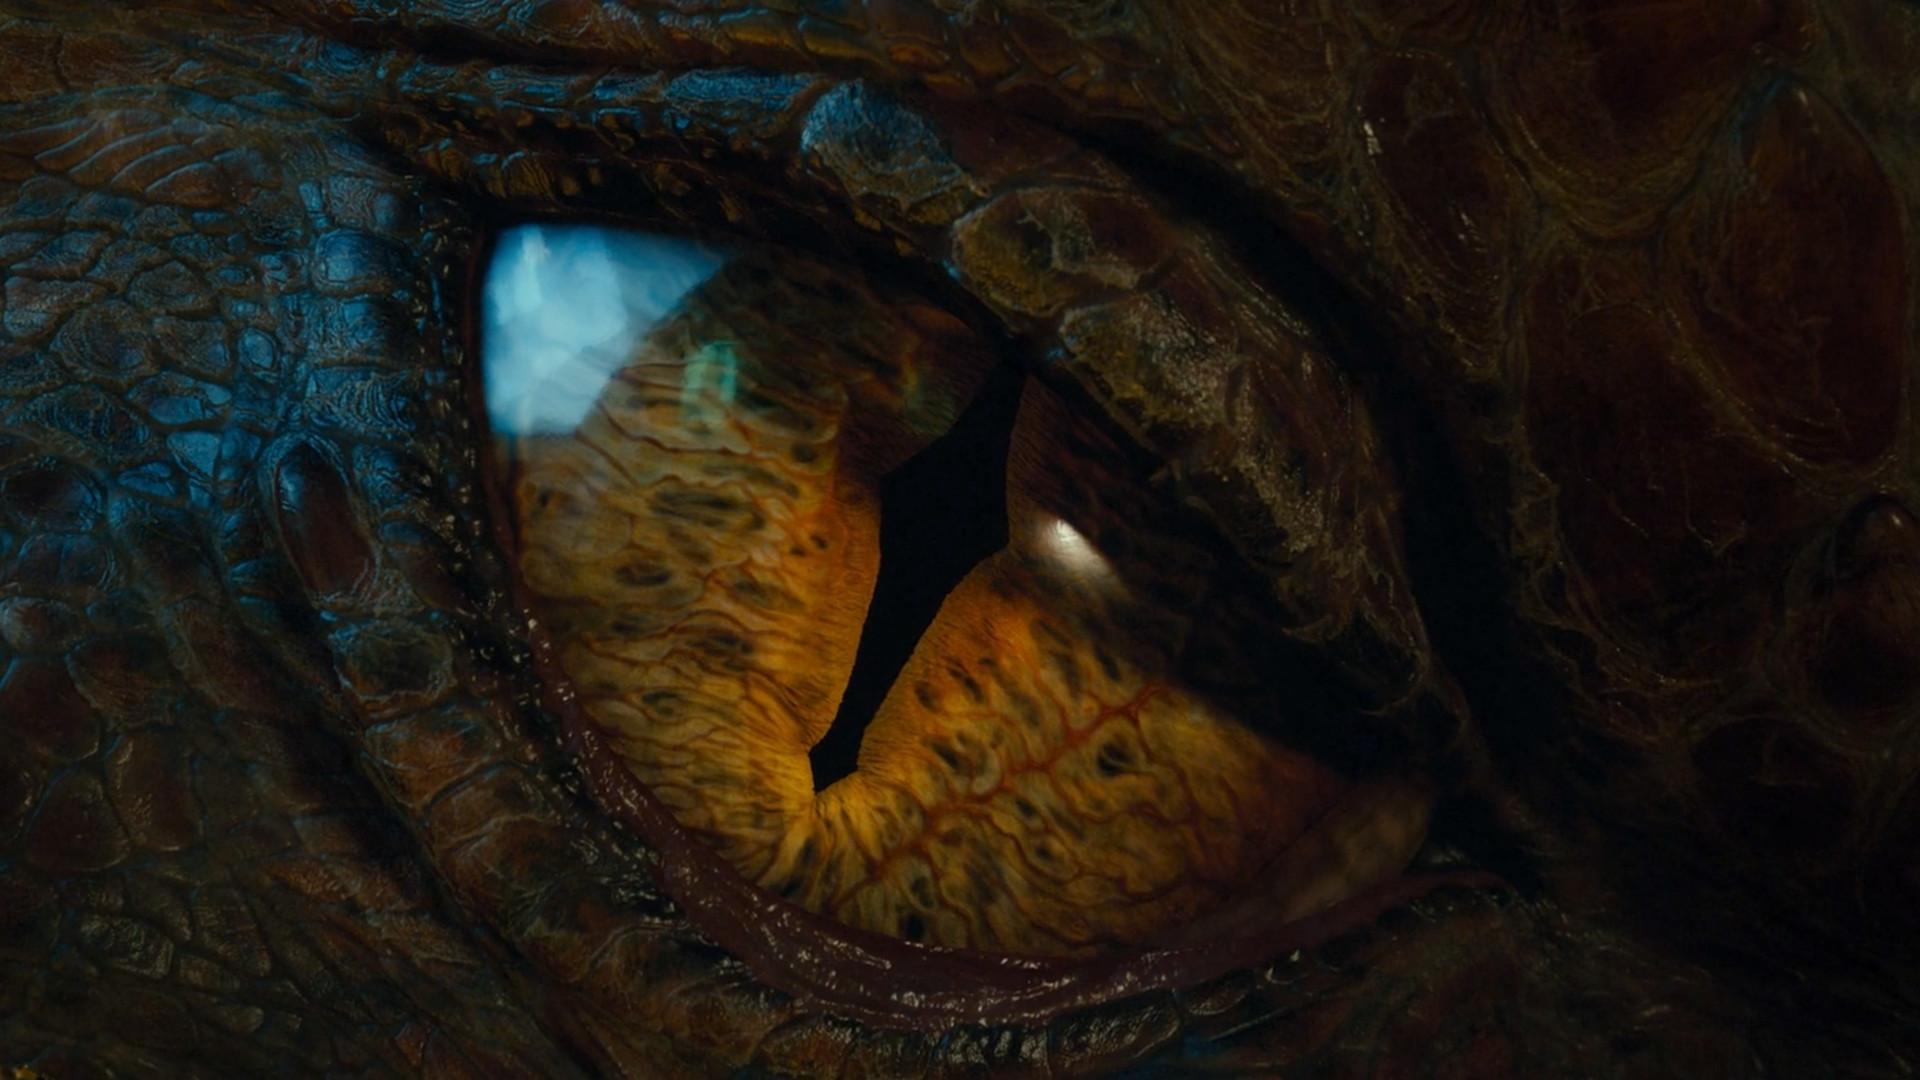 Eye of the dragon – The Hobbit – The Desolation of Smaug #1571697